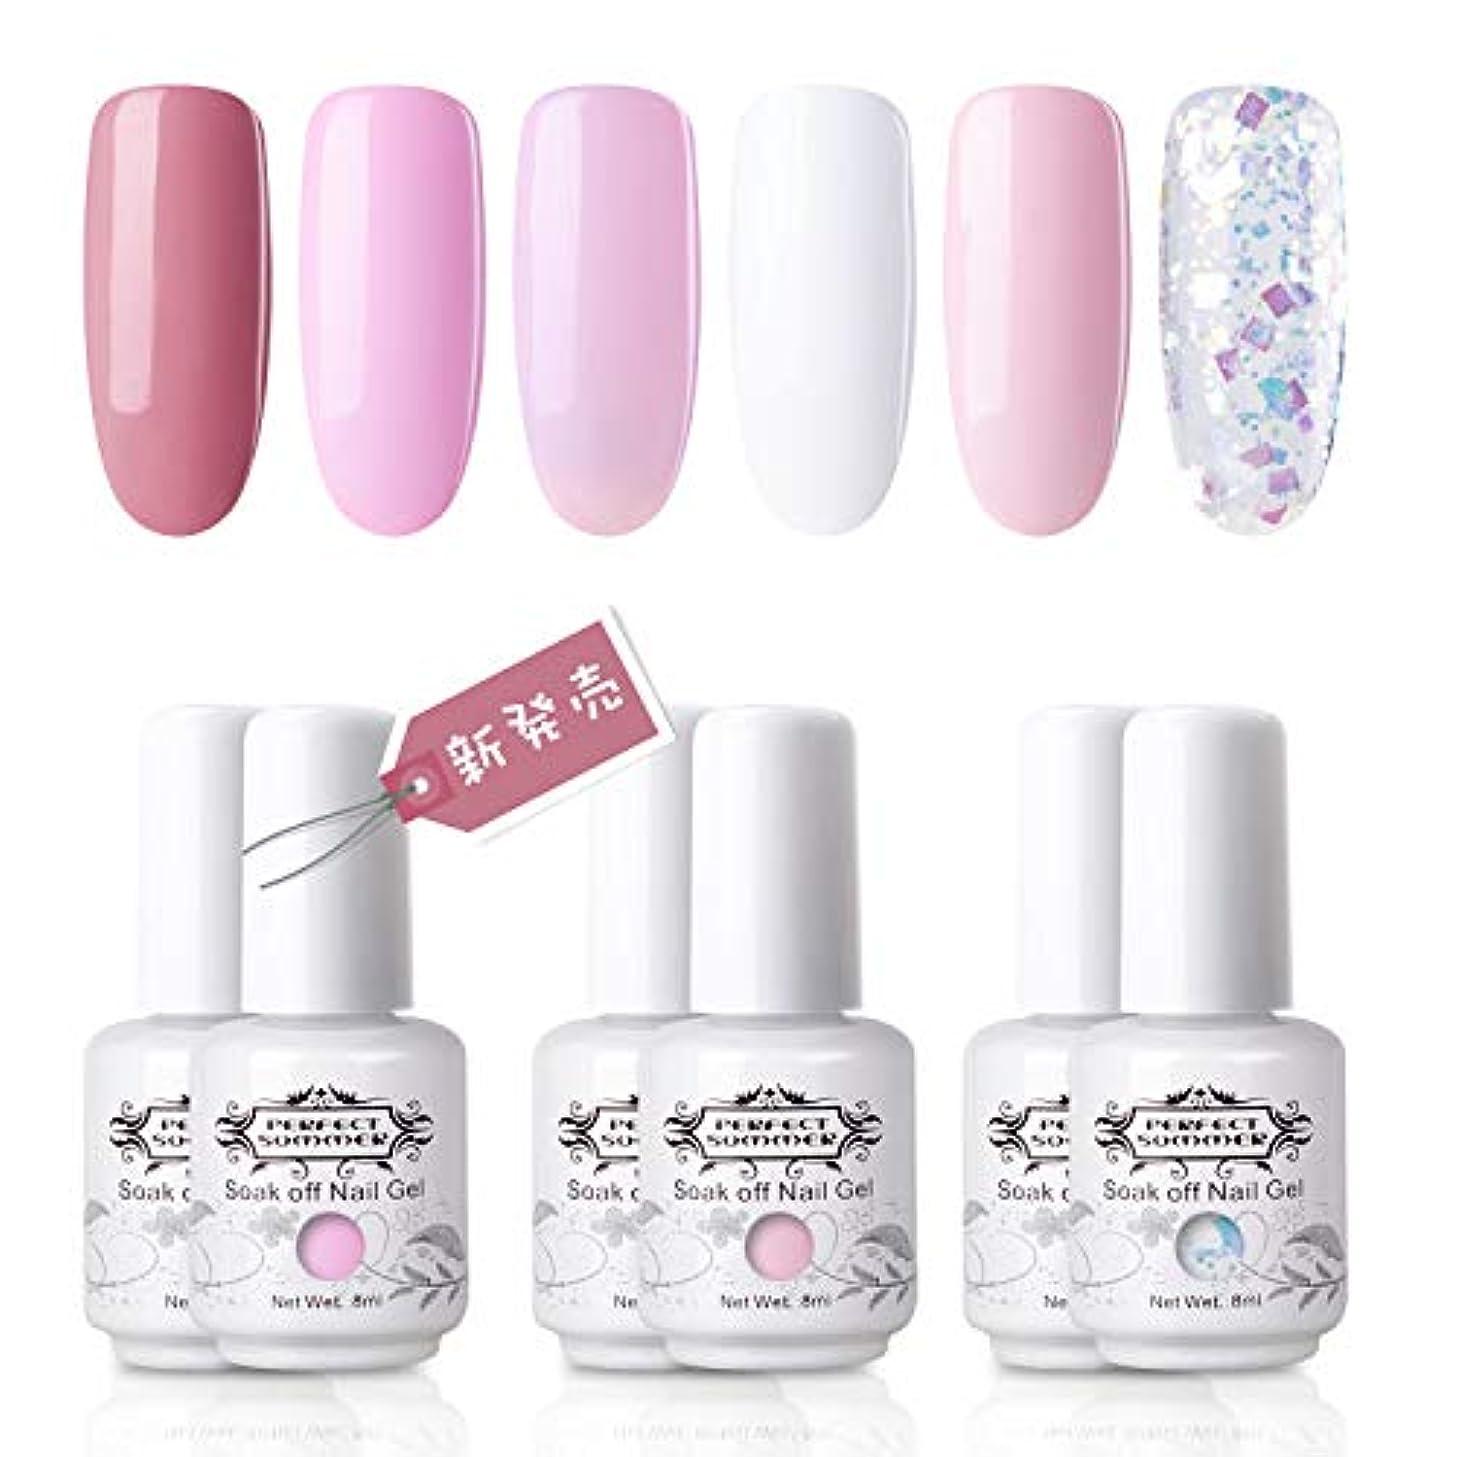 劇作家ほうきスポーツをする[Perfect Summer] ジェルネイル カラージェル 6色セット ポリッシュタイプ 新発売 UV/LED対応 ピンク ラメ